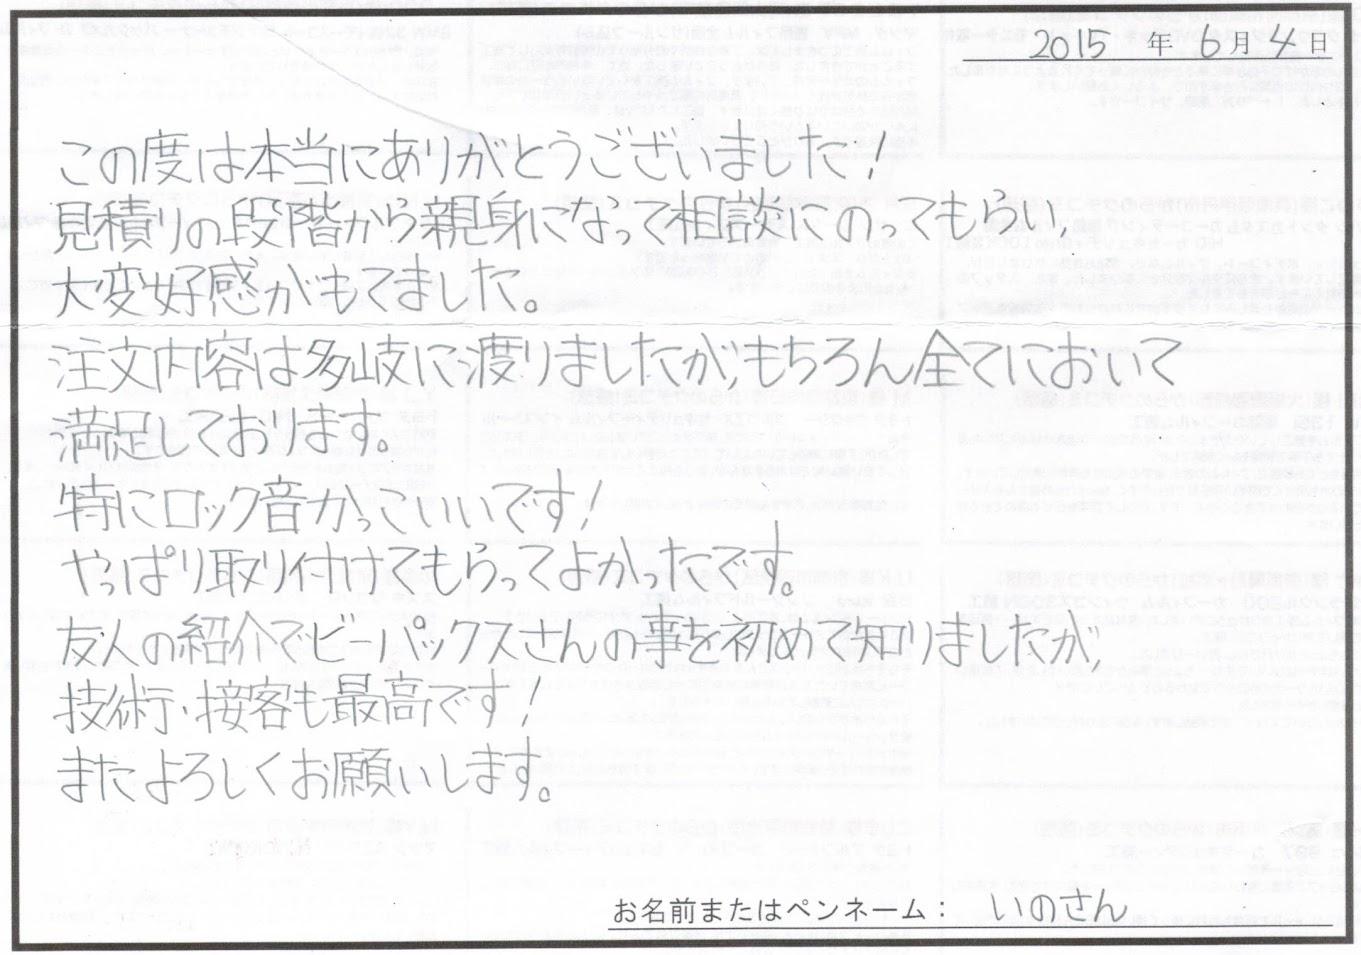 ビーパックスへのクチコミ/お客様の声:いのさん 様(京都市西京区)/ヴォクシー